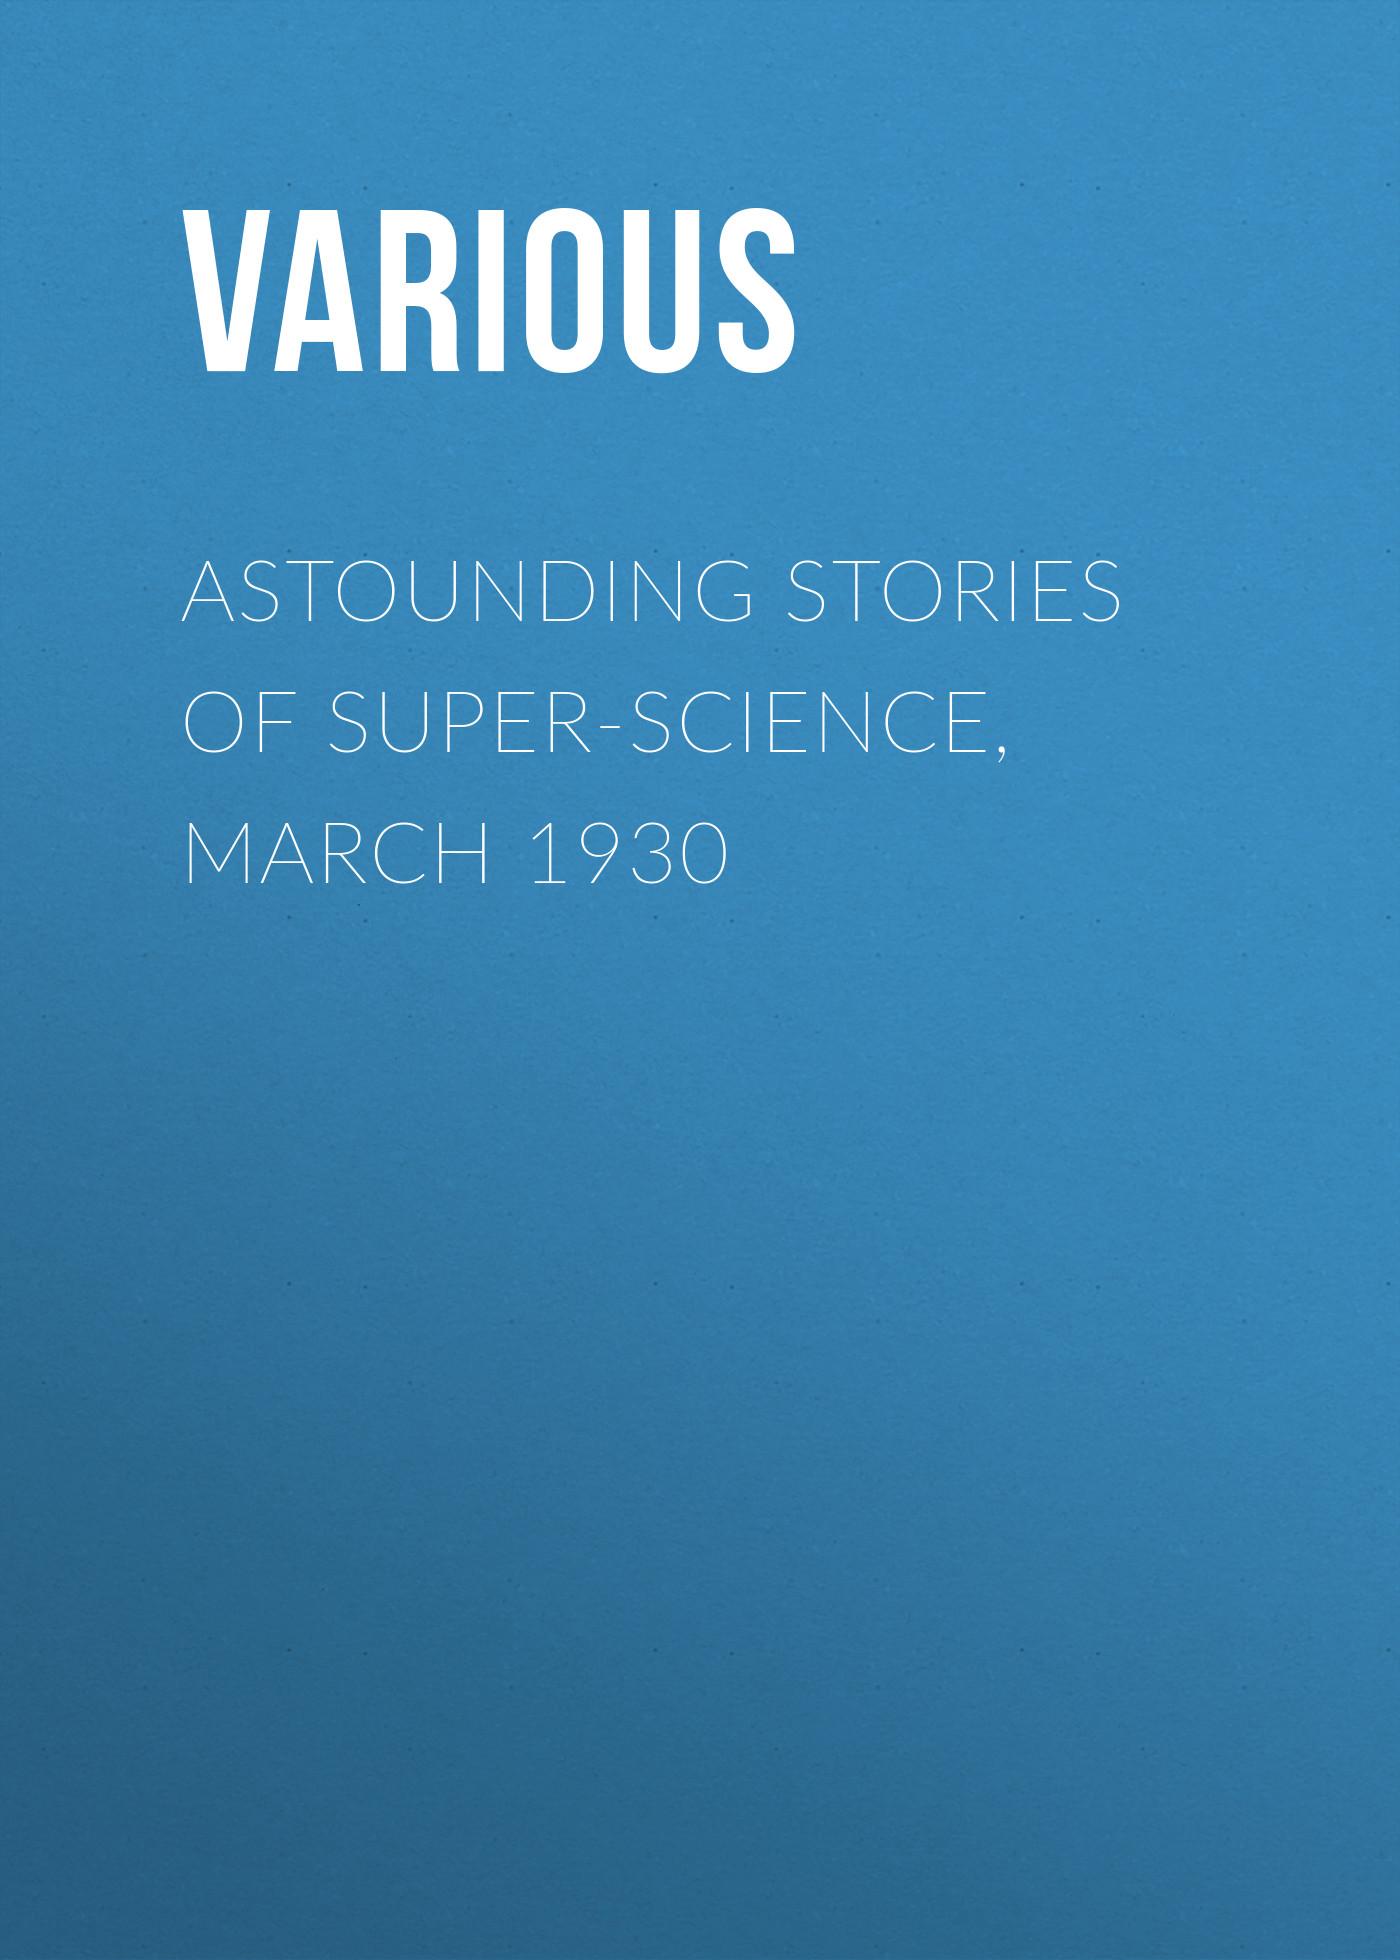 Various Astounding Stories of Super-Science, March 1930 каталка игрушка molto утёнок с ручкой 7925 со звуковыми эффектами желтый зеленый красный